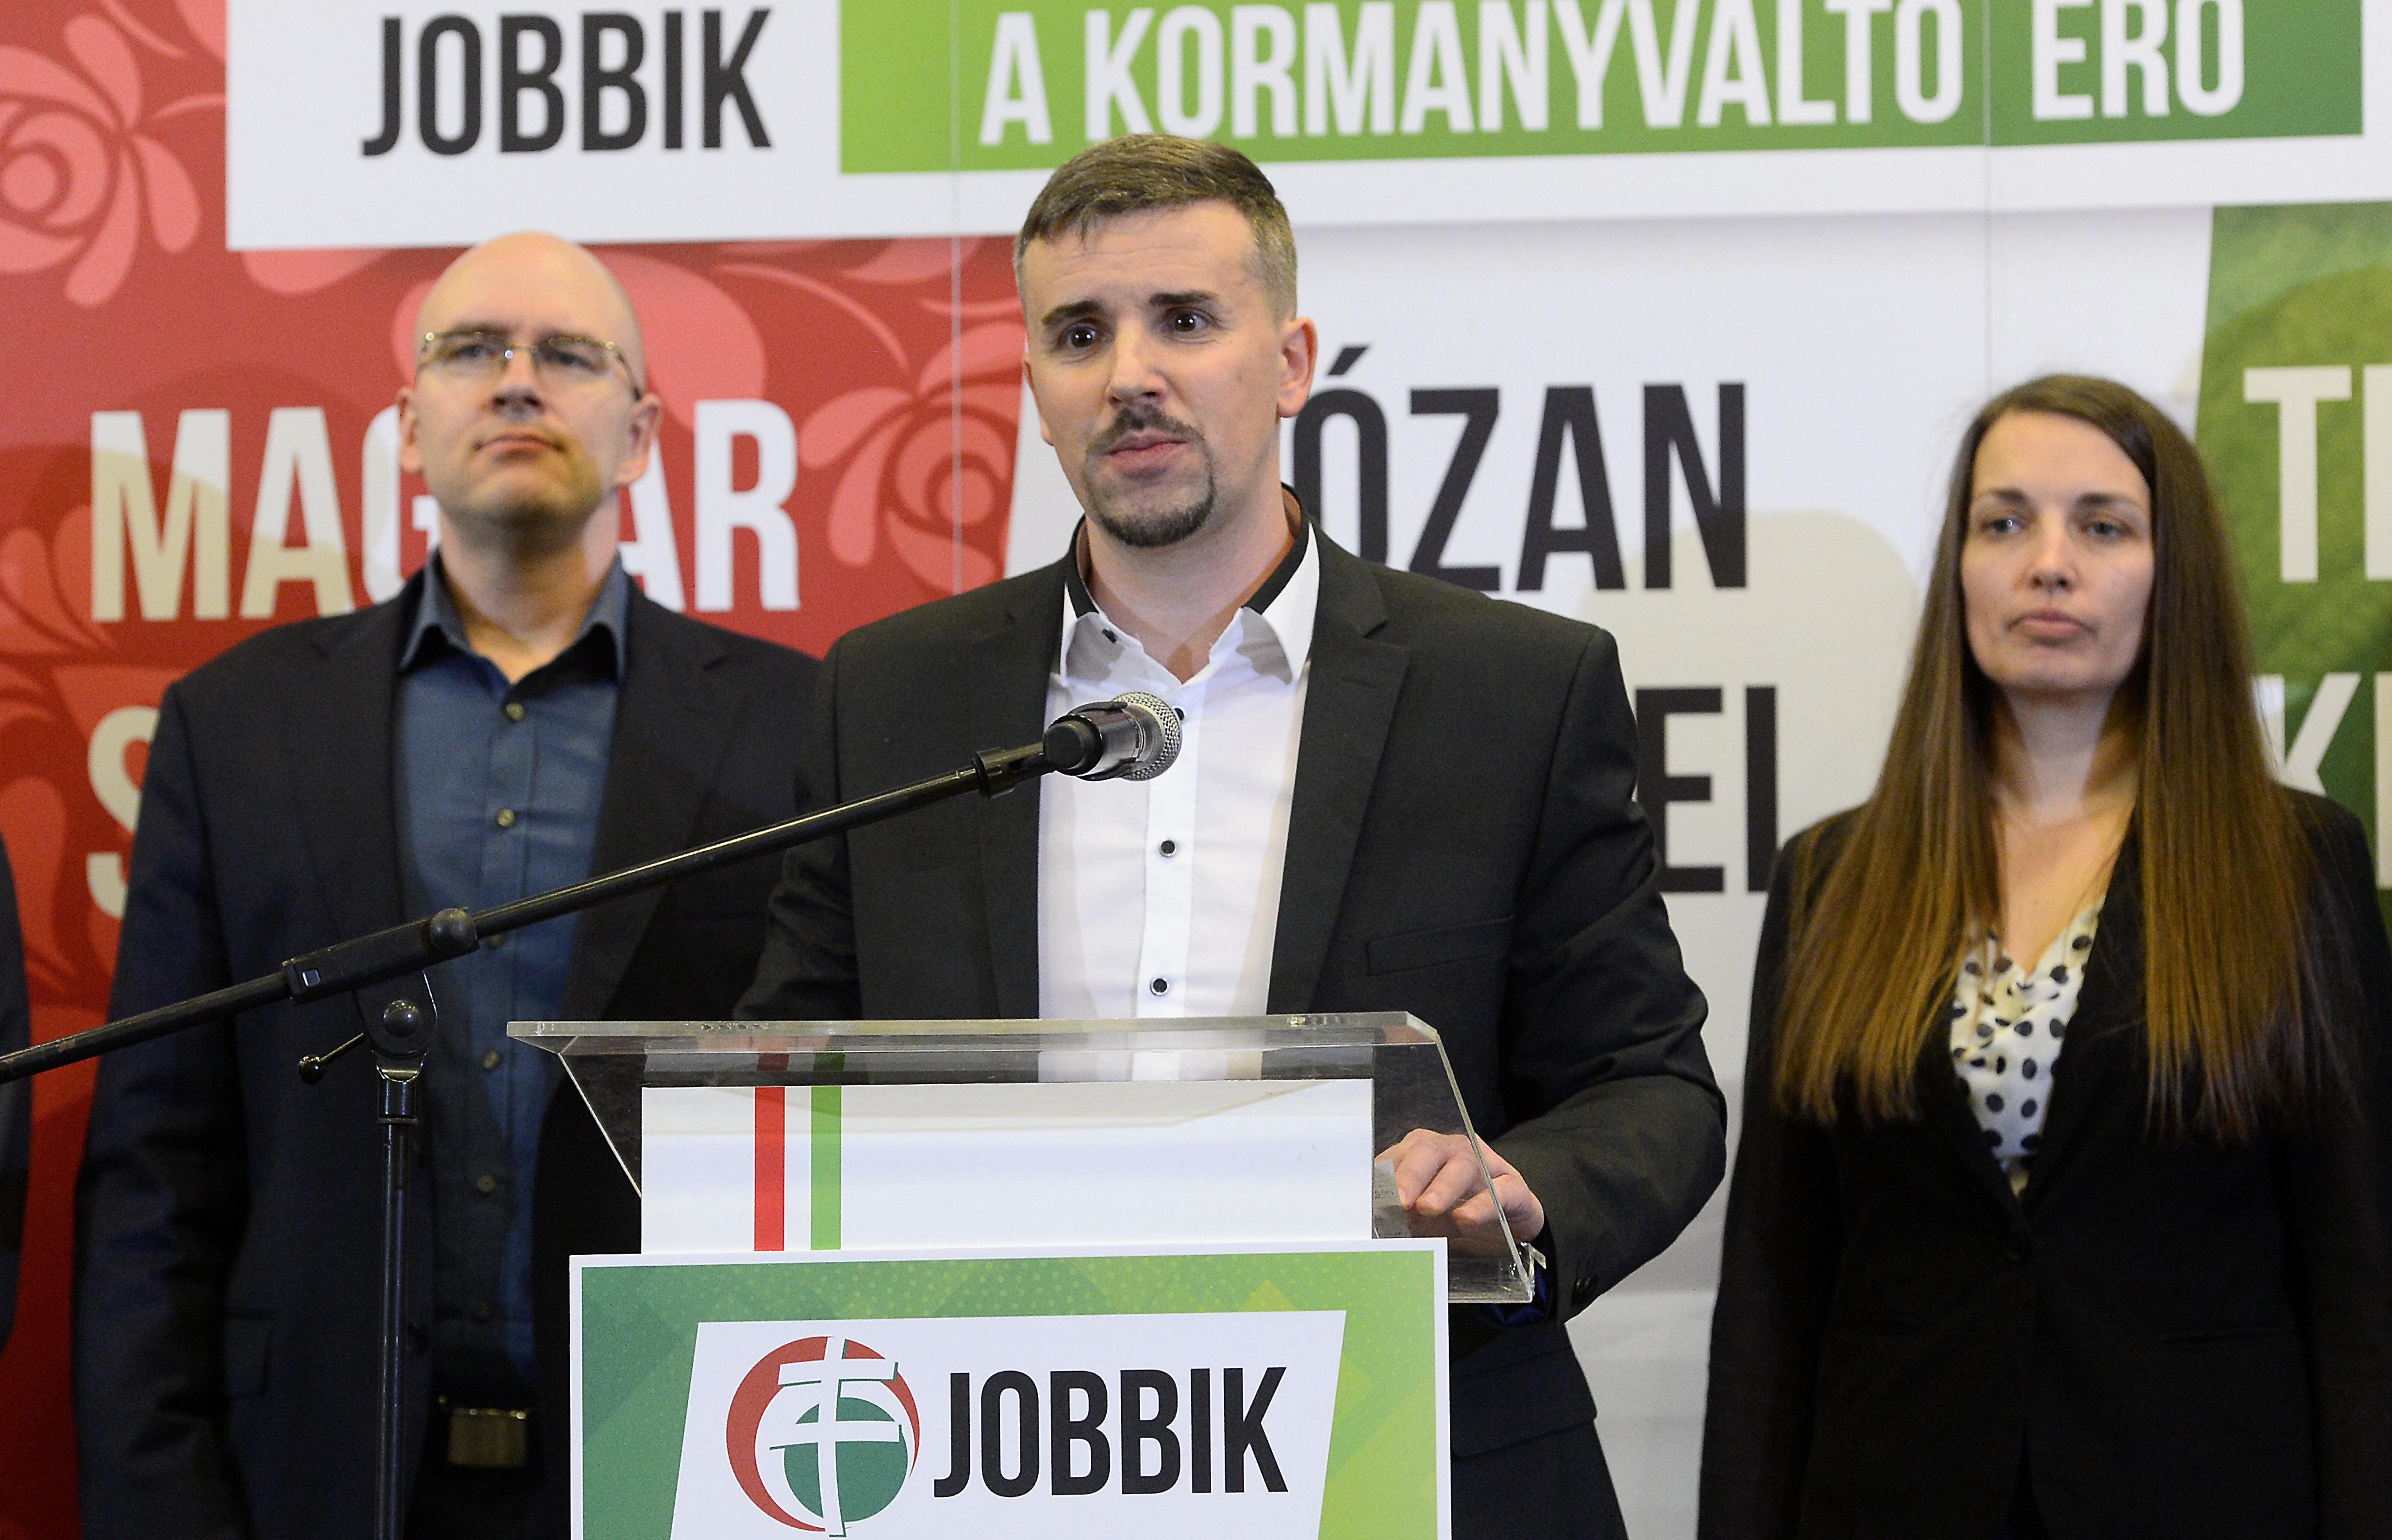 EGMR lehnt Beschwerde von Jobbik gegen Geldstrafe ab post's picture